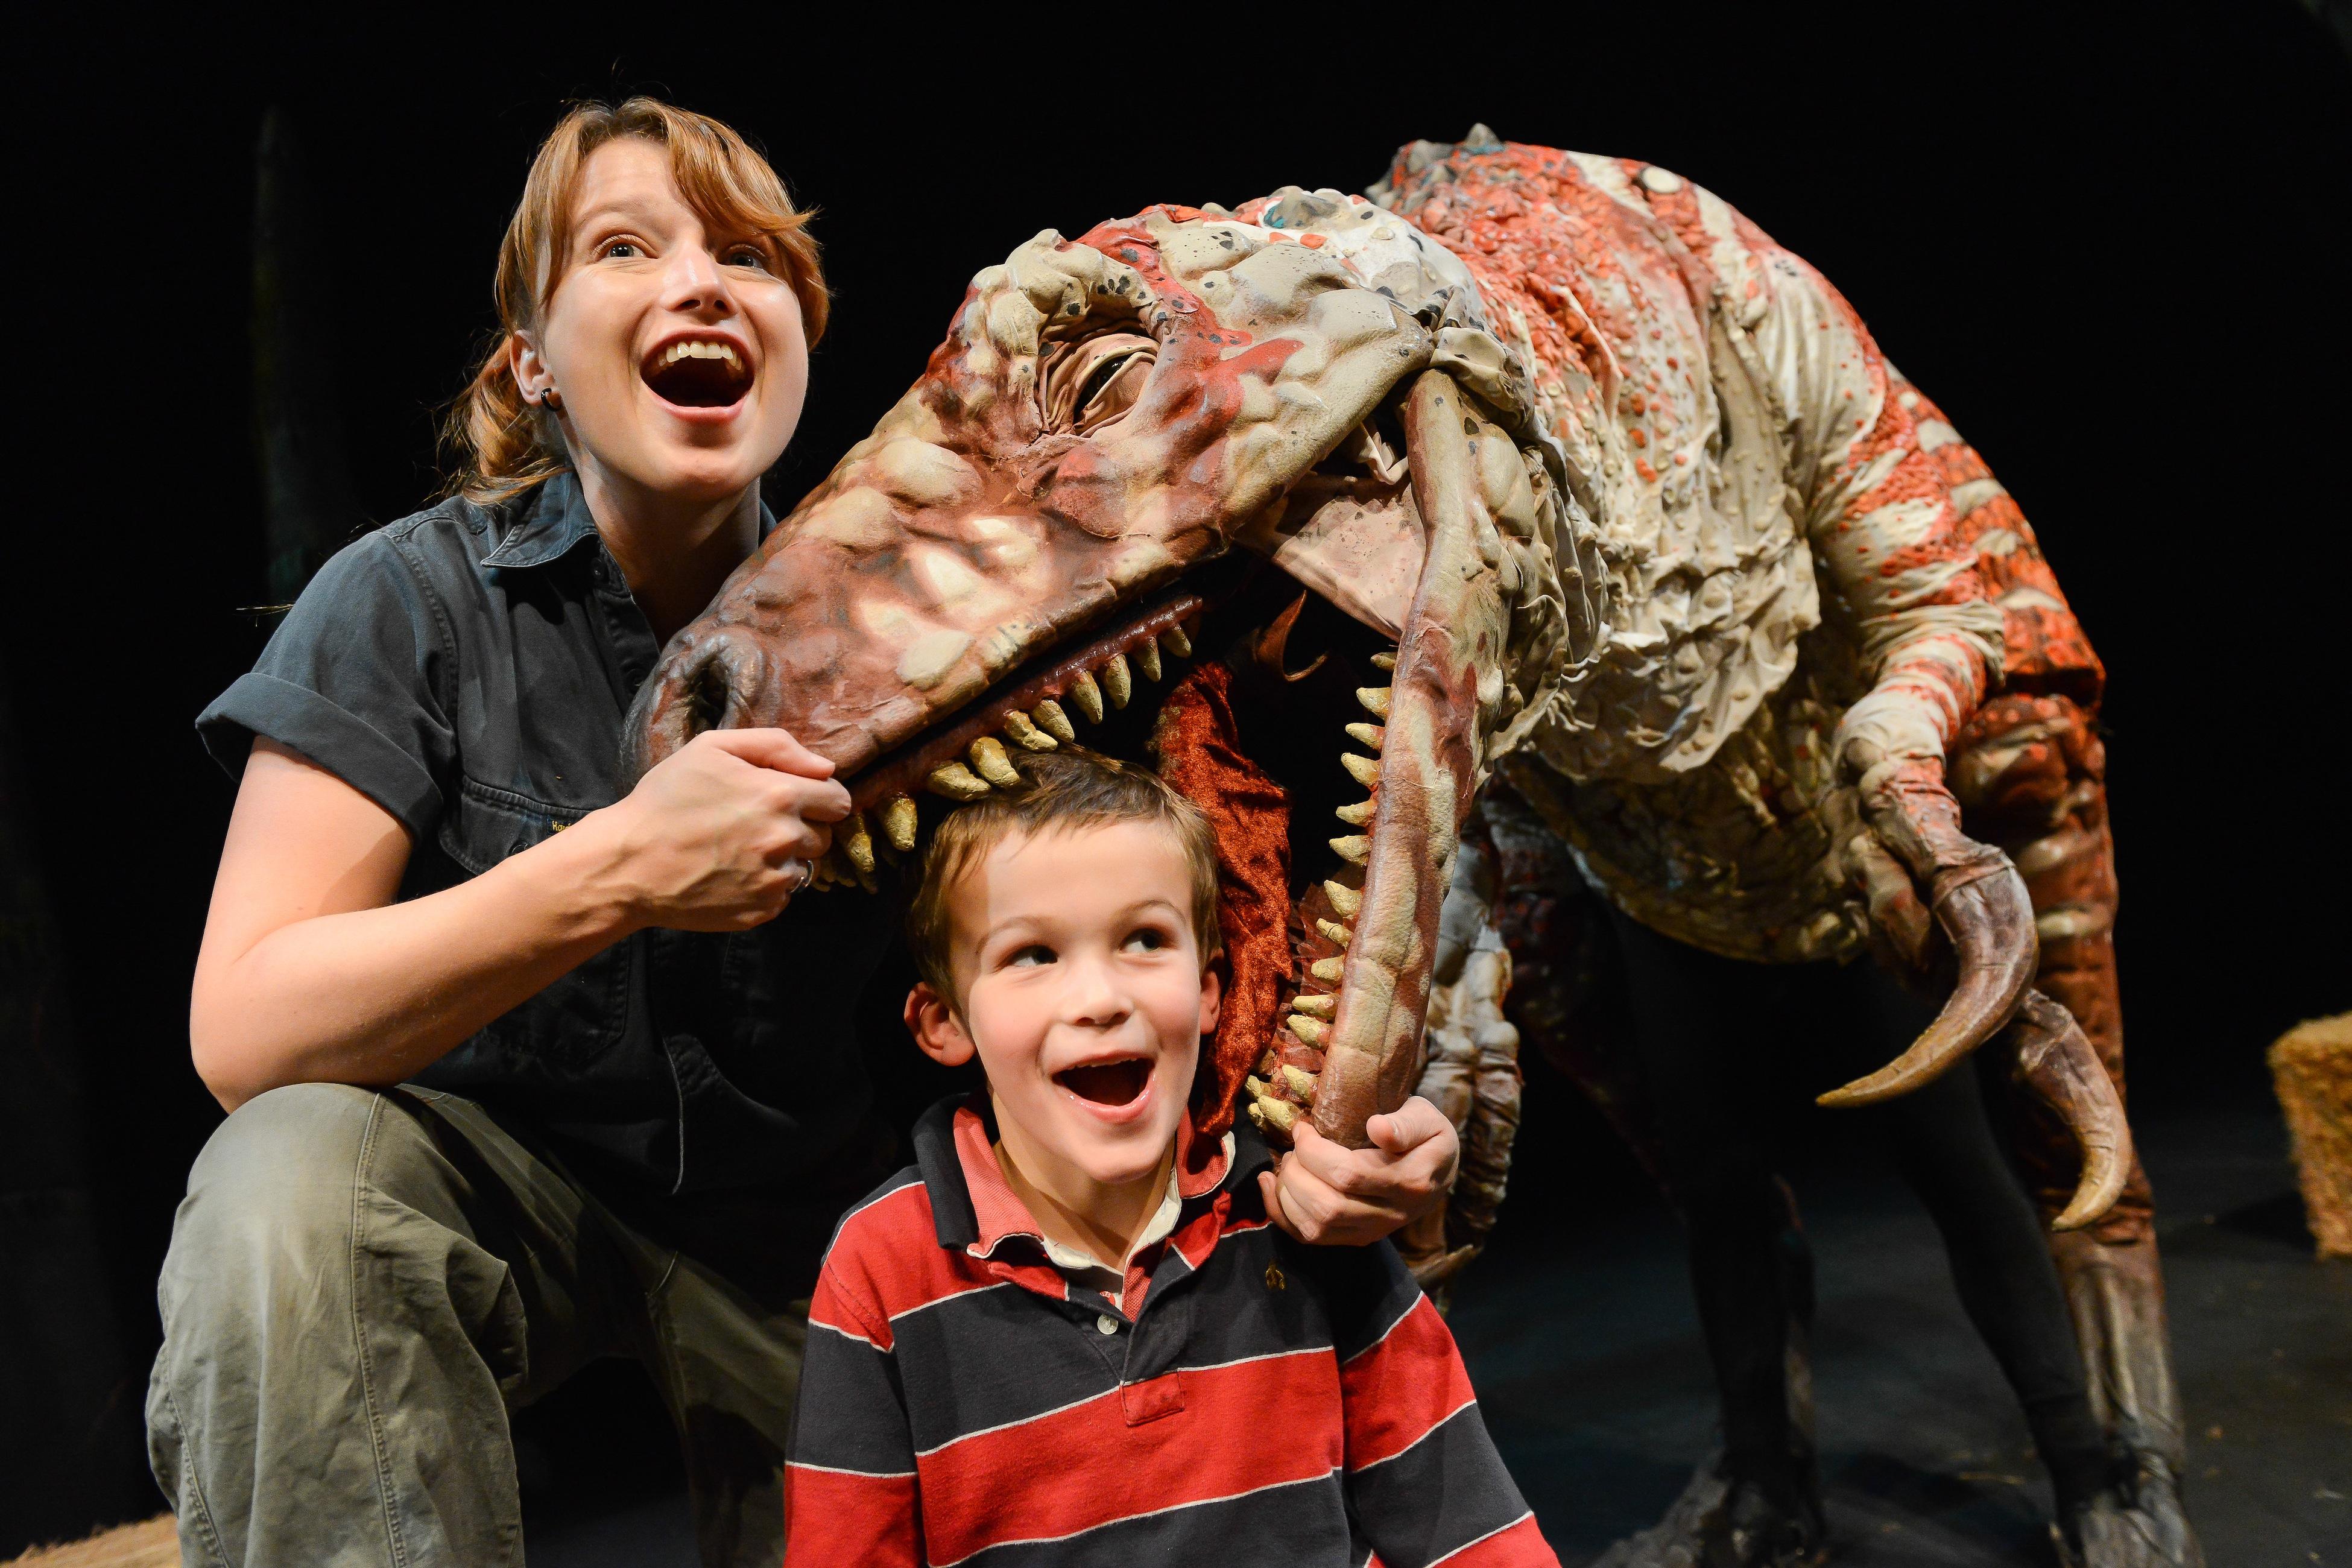 Australovenator, dans <em>Erth's Dinosaur Zoo</em> (2010) par Erth Visual & Physical Inc. (Sydney, Nouvelle-Galles du Sud, Australie), mise en scène : Scott Wright, scénographie / fabrication de marionnettes : Erth Workshop, comédienne / marionnettiste sur la photo : Lindsay Chaplin